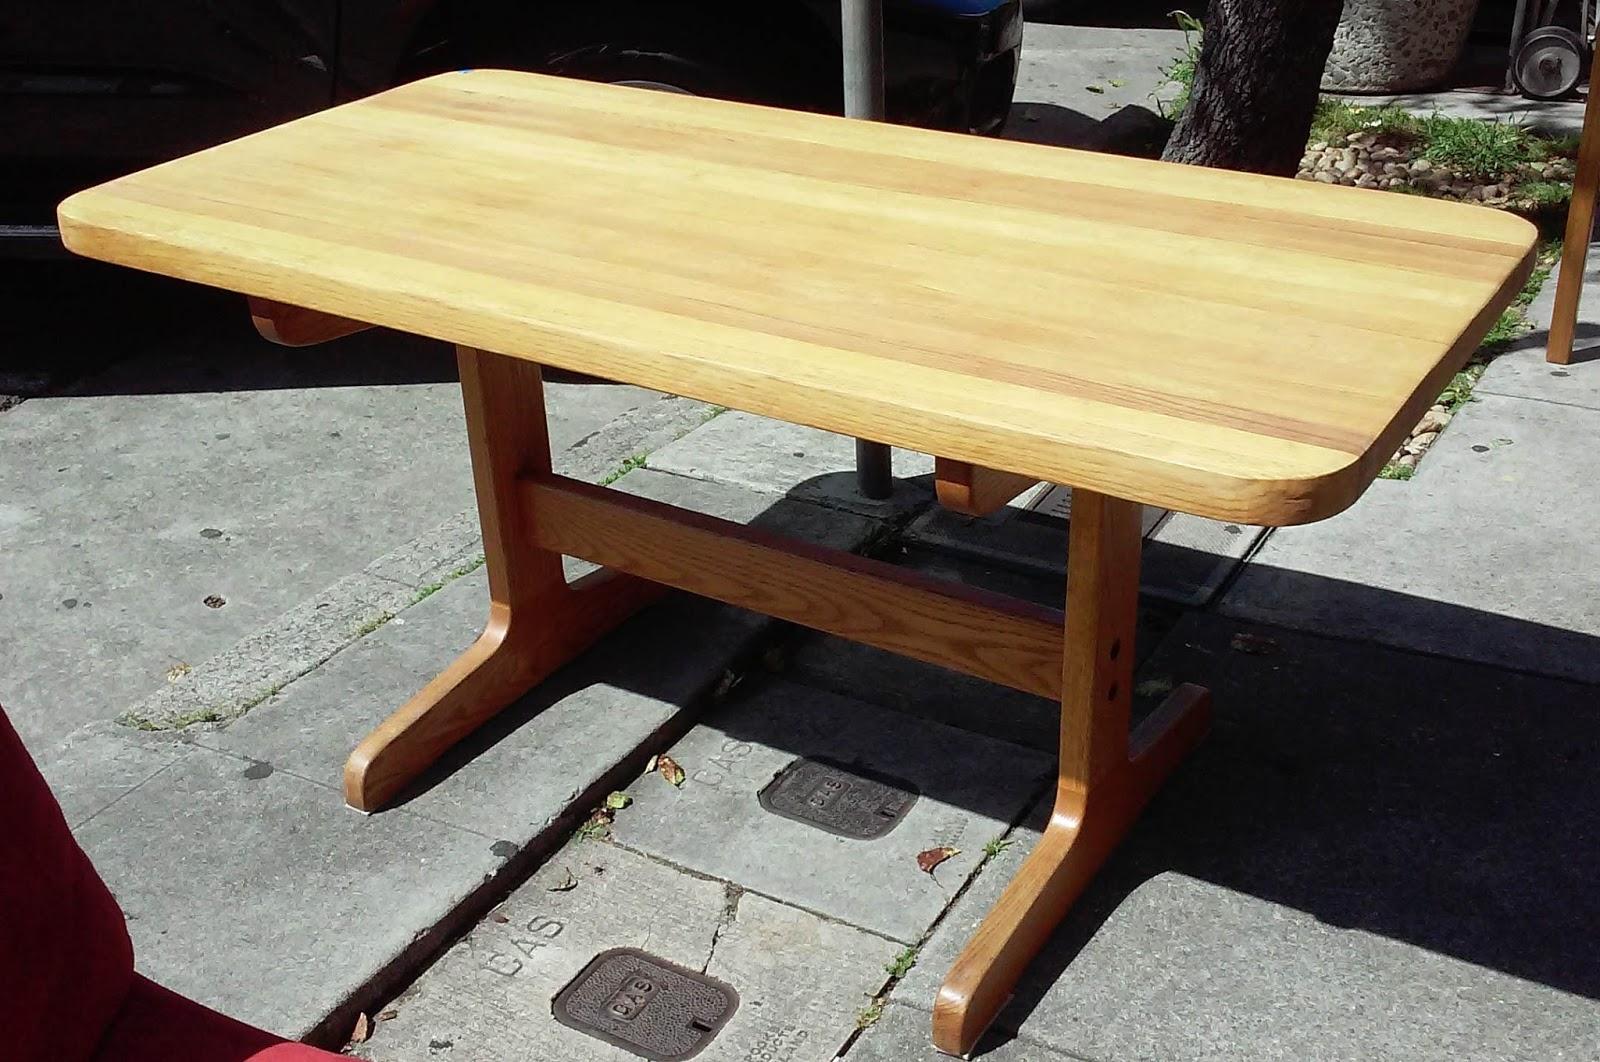 uhuru furniture collectibles sold oak trestle butcher block dining table 70. Black Bedroom Furniture Sets. Home Design Ideas